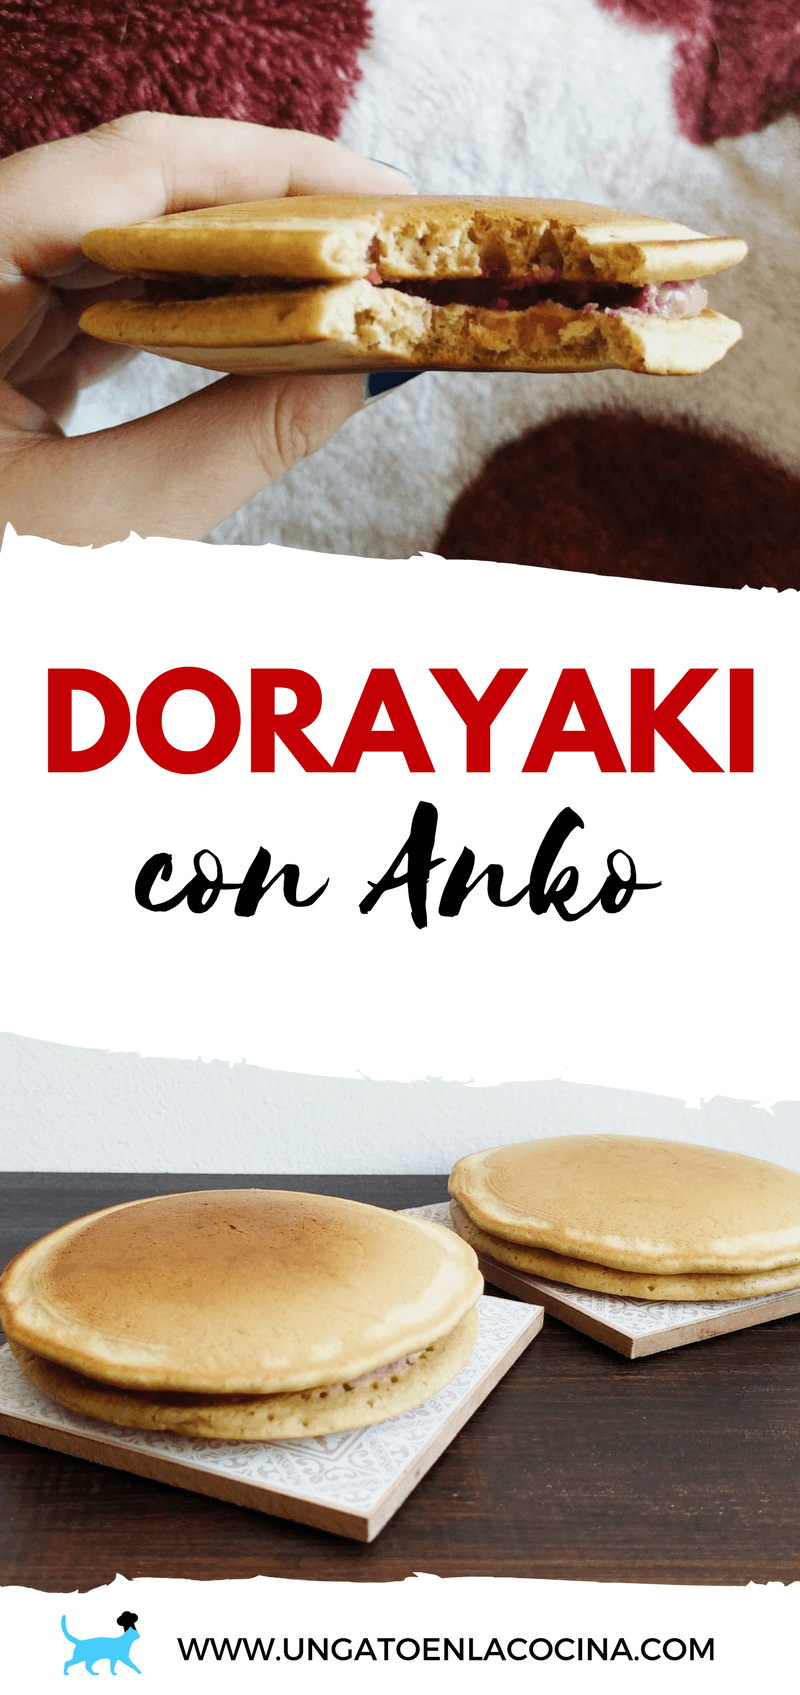 Dorayaki with Anko